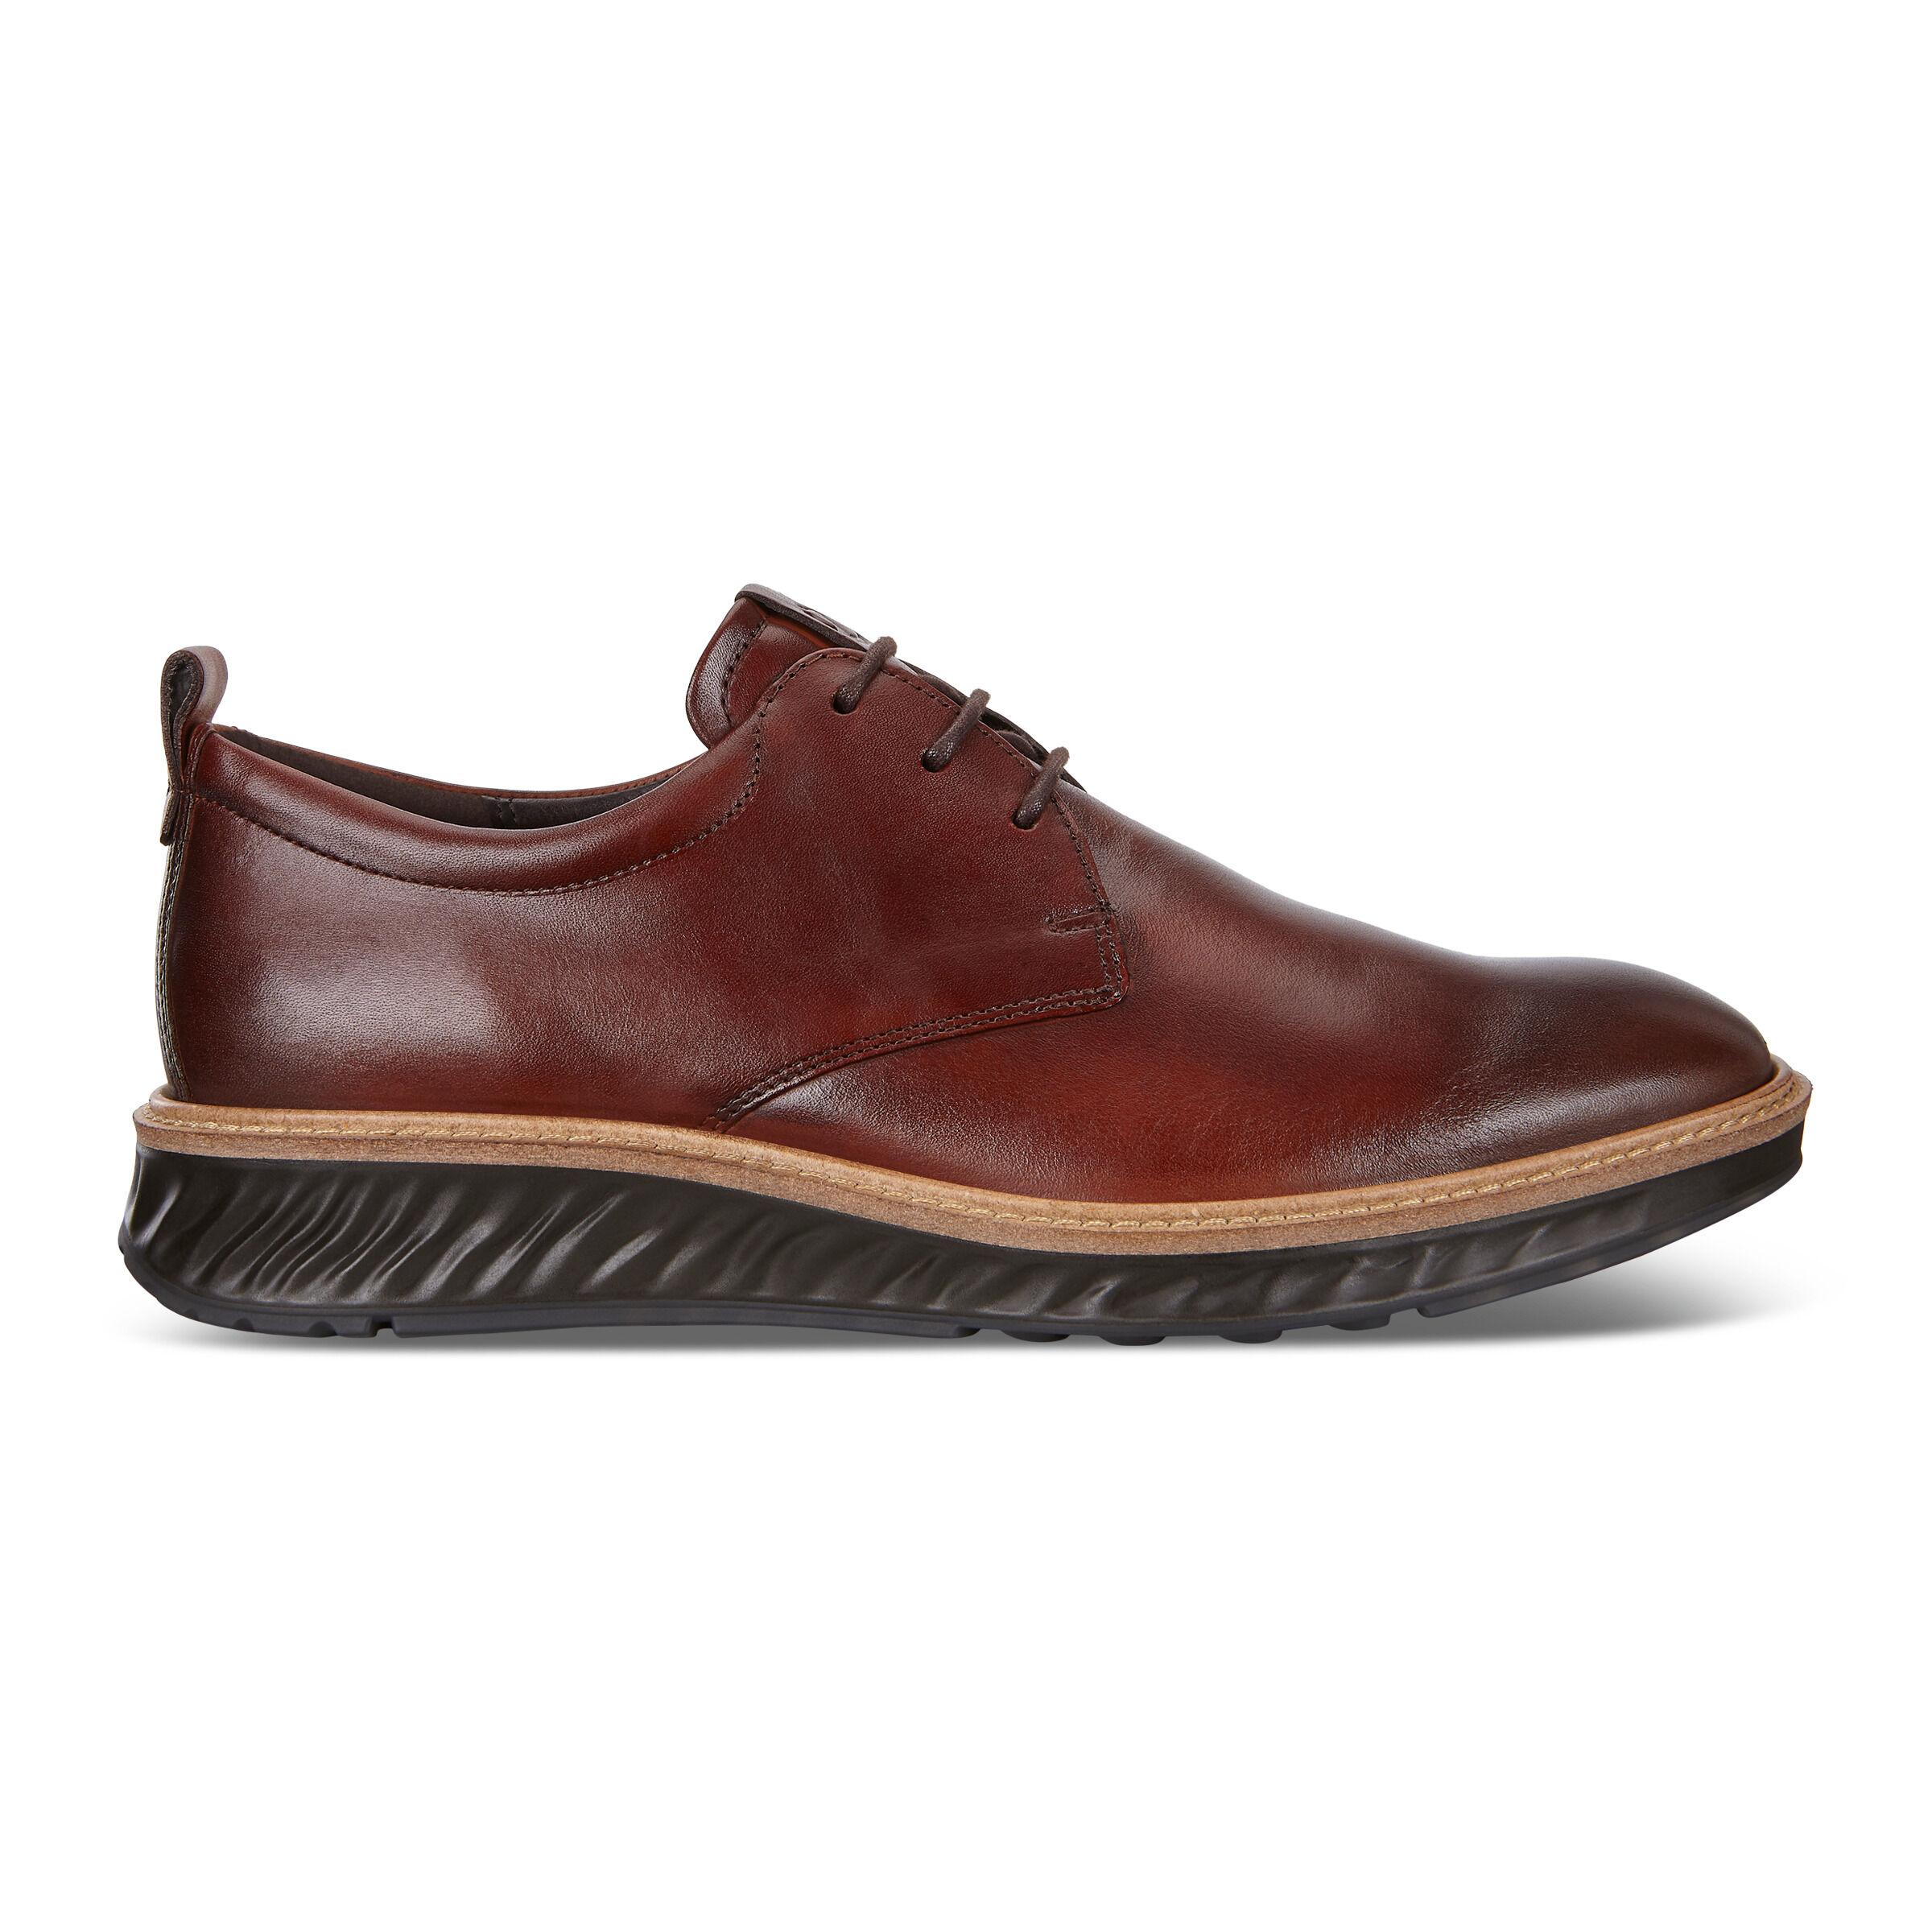 에코 ECCO ST.1 Hybrid Shoe,cognac